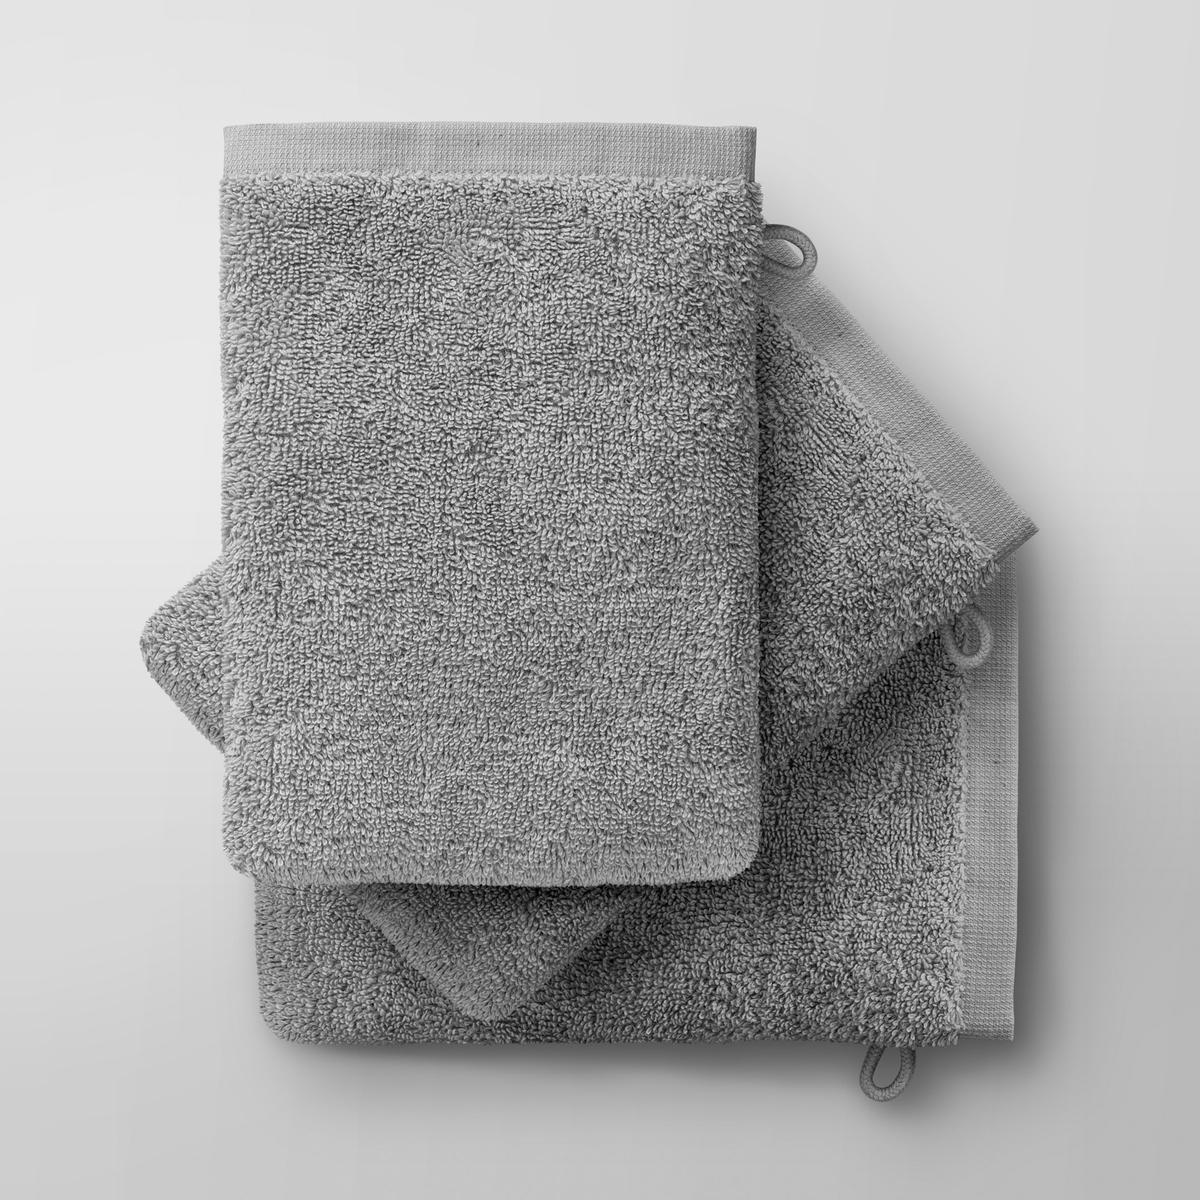 3 рукавицы банные Gilbear из 100% хлопка3 банные рукавицы Gilbear. Очень нежная, плотная и мягкая махровая ткань. 100% чесаный хлопок 600г/м?, очень мягкий и устойчивый к износу. Машинная стирка при 60 °С. Размер : 16 x 22 см.<br><br>Цвет: светло-серый<br>Размер: комплект из 3